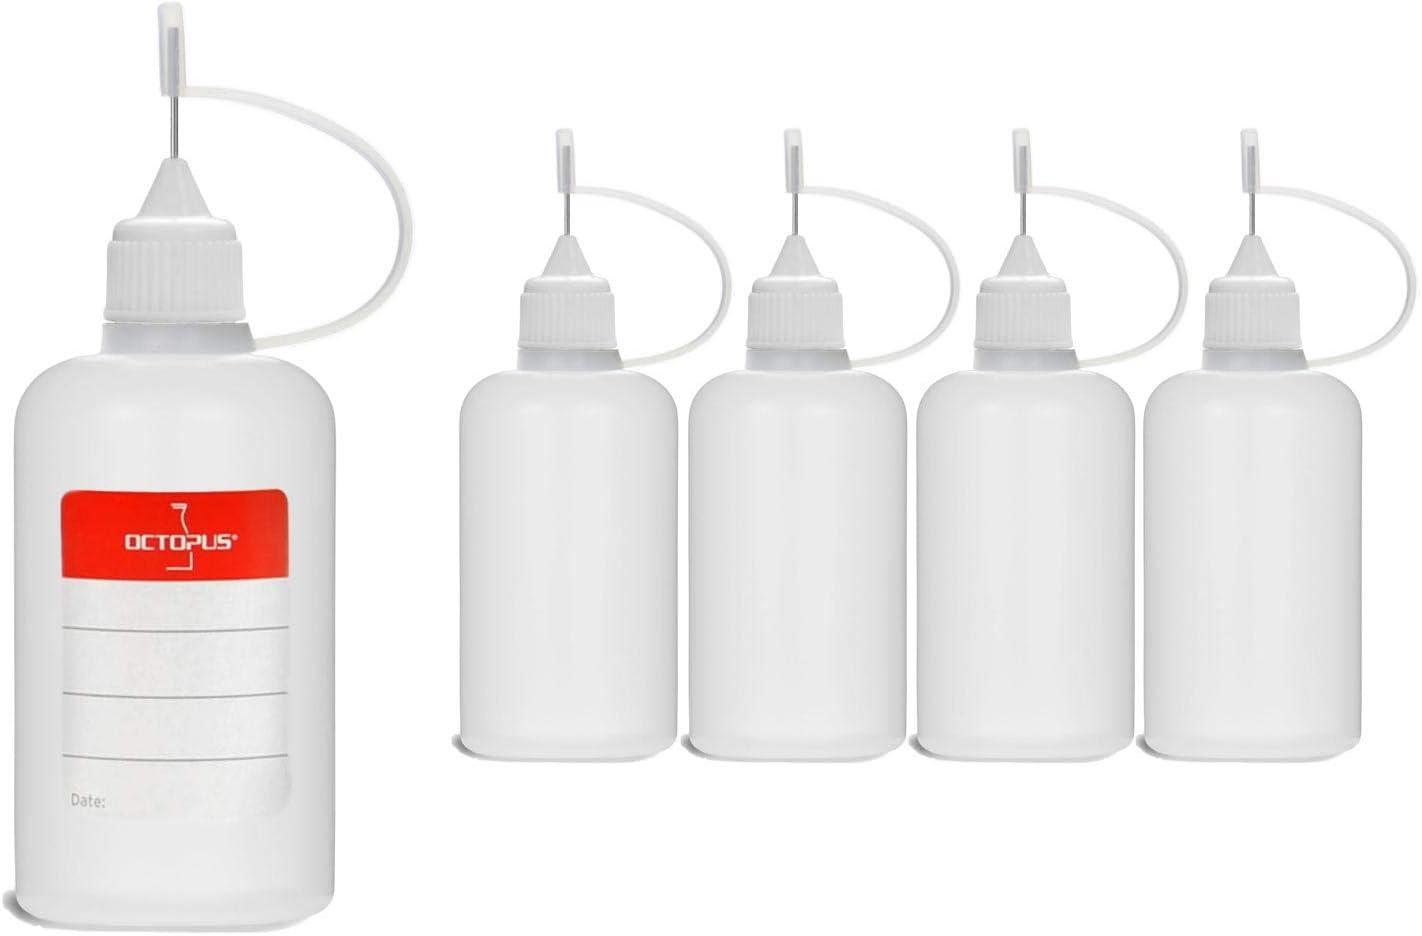 5 Botellas de recarga con aguja Octopus de 50 ml, botella para líquidos electrónicos para shishas electrónicas y cigarrillos electrónicos, aceites, tintas y pegamentos, botellas vacías de plástico LDP